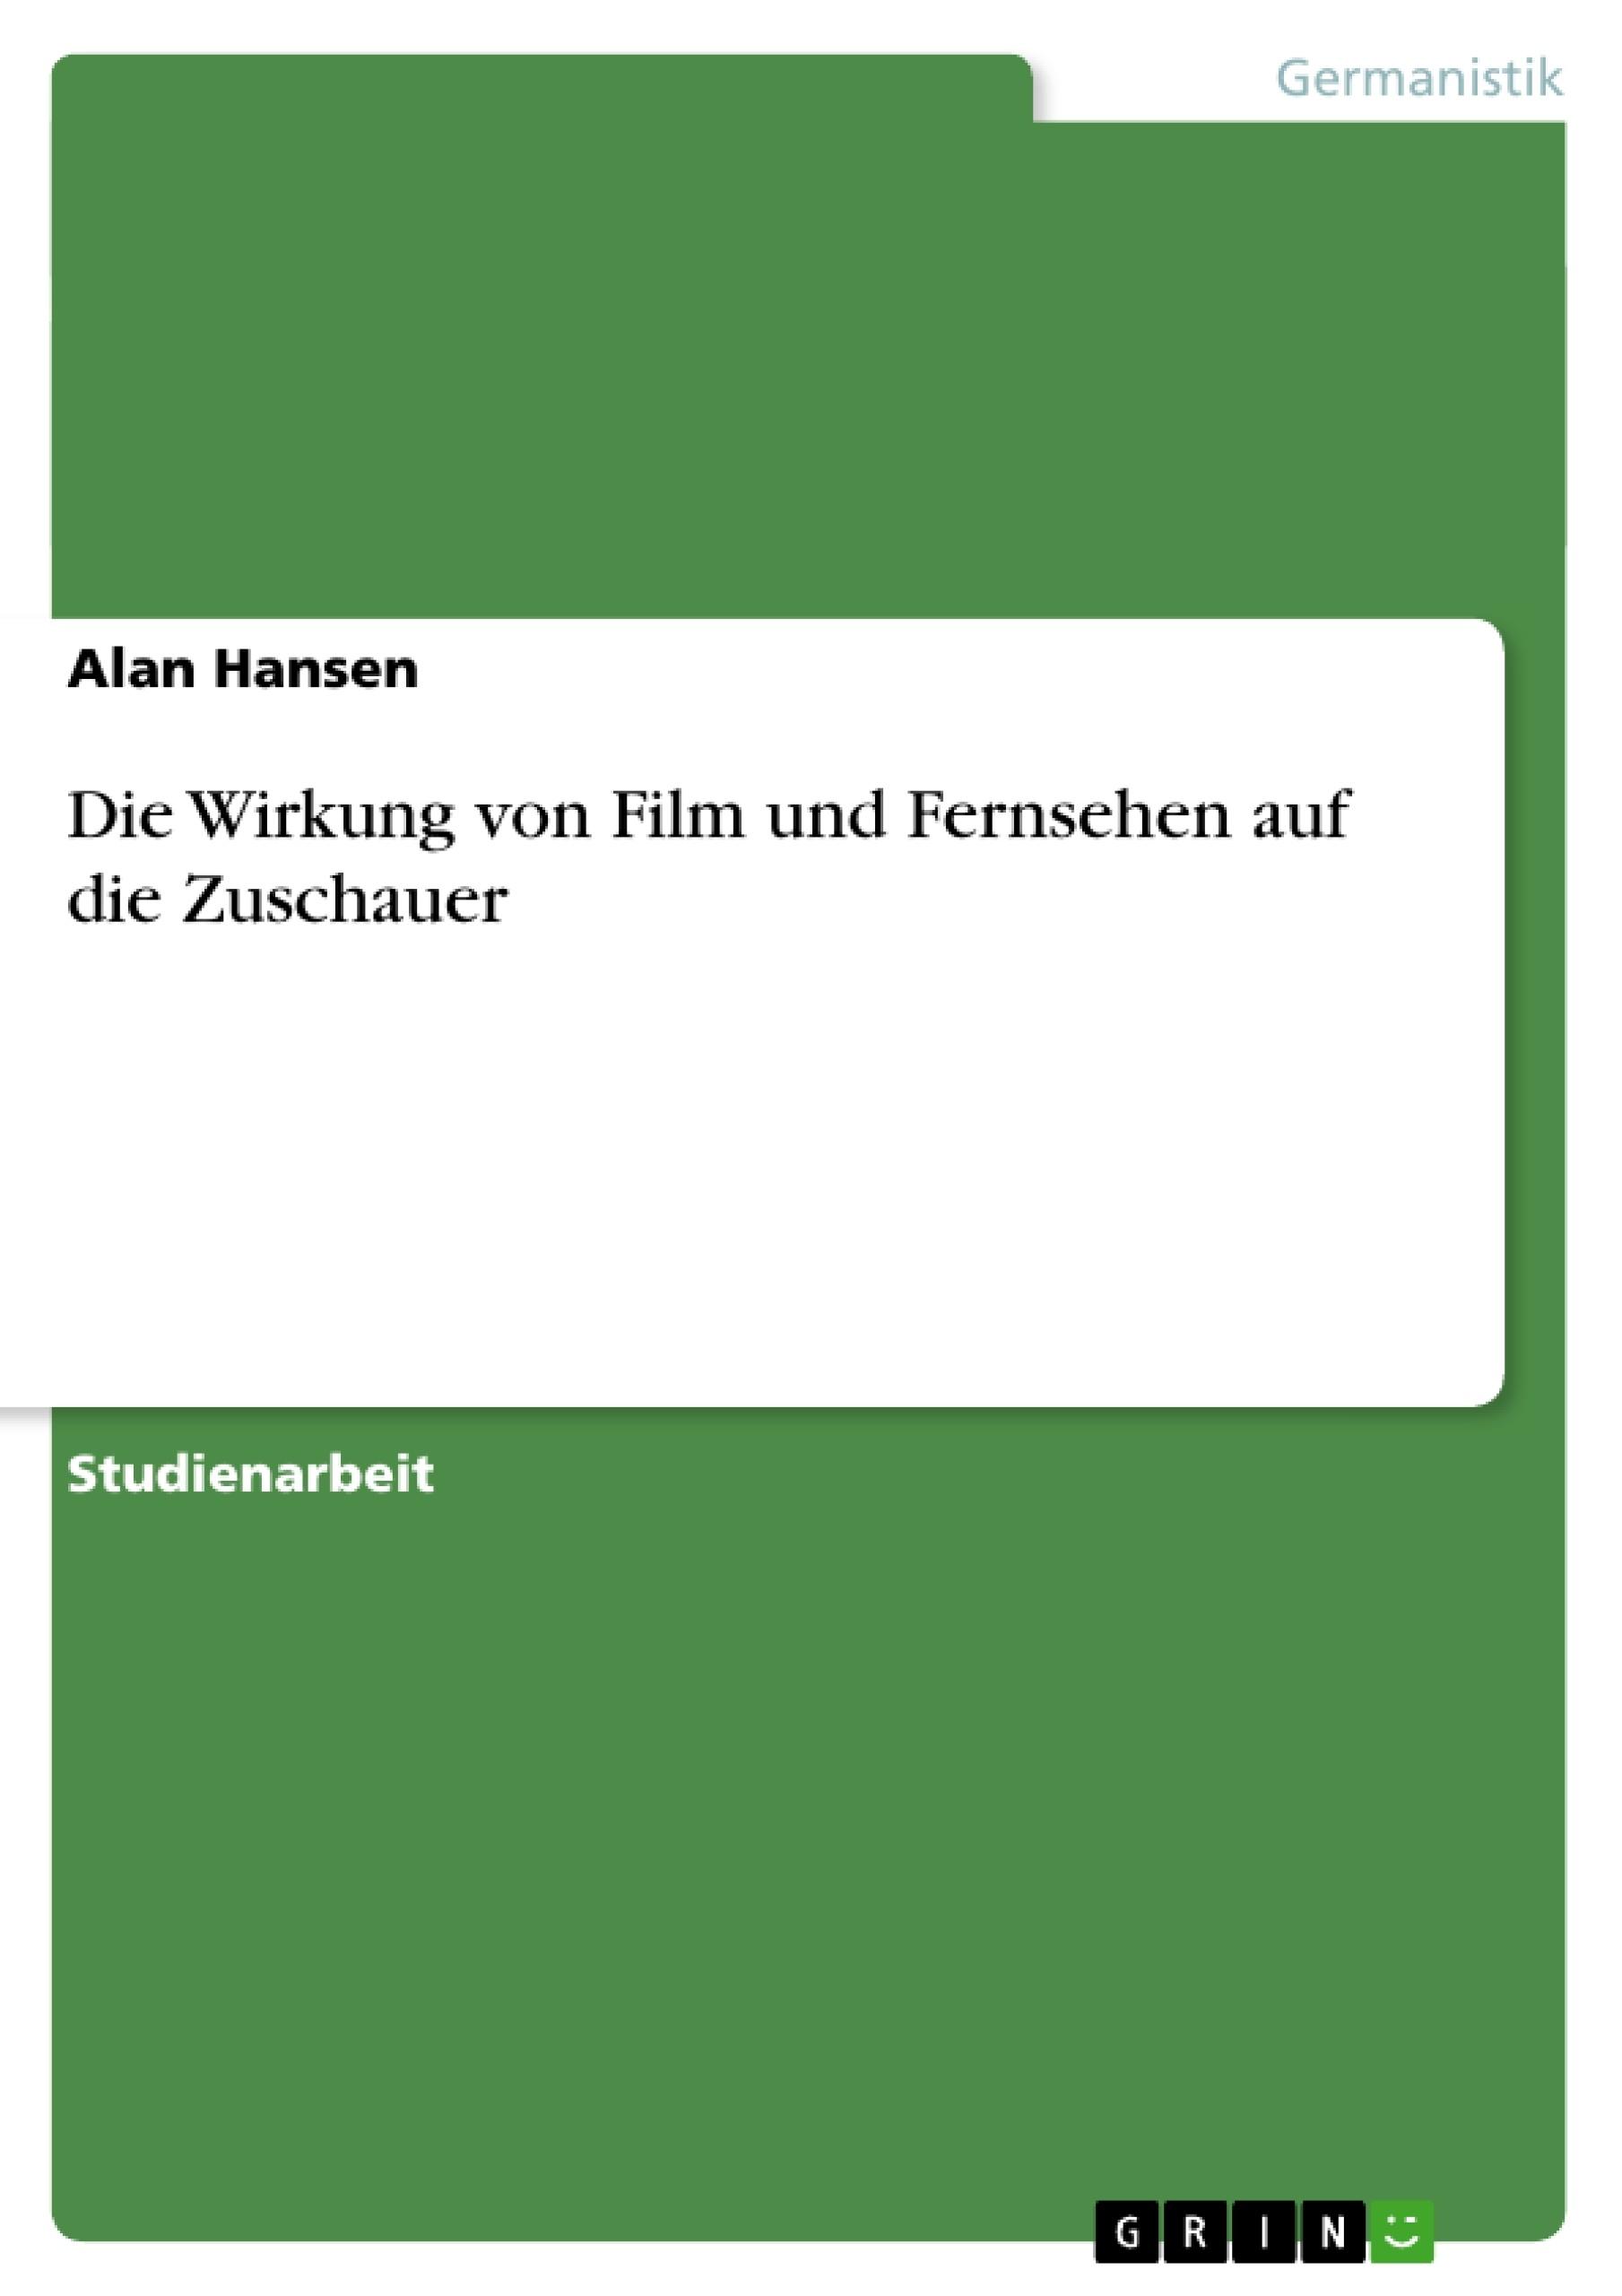 Titel: Die Wirkung von Film und Fernsehen auf die Zuschauer